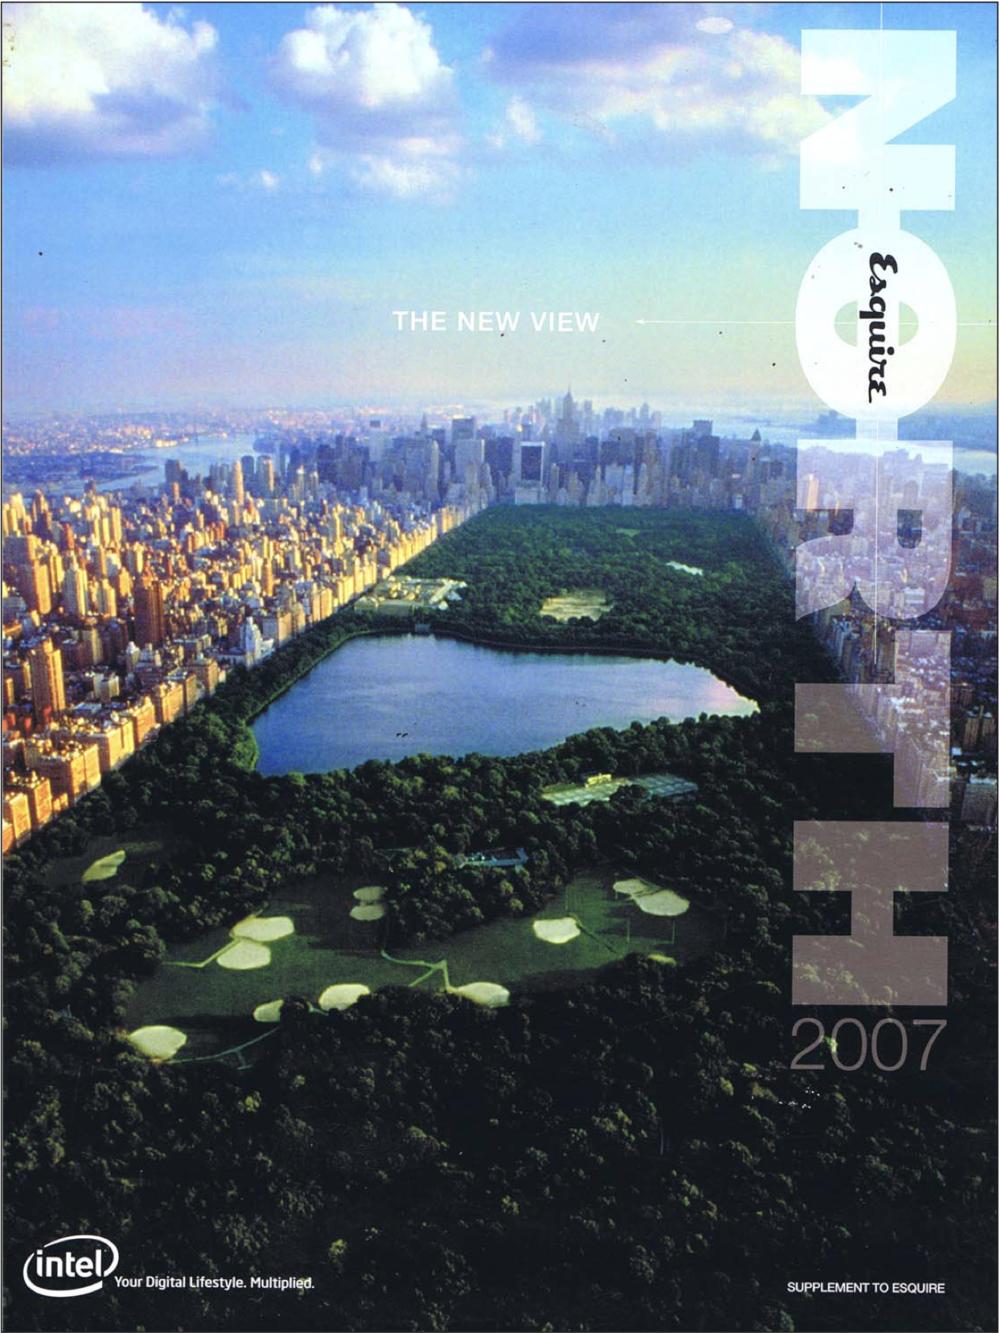 reeta-gyamlani-farrago-design-esquire cover.